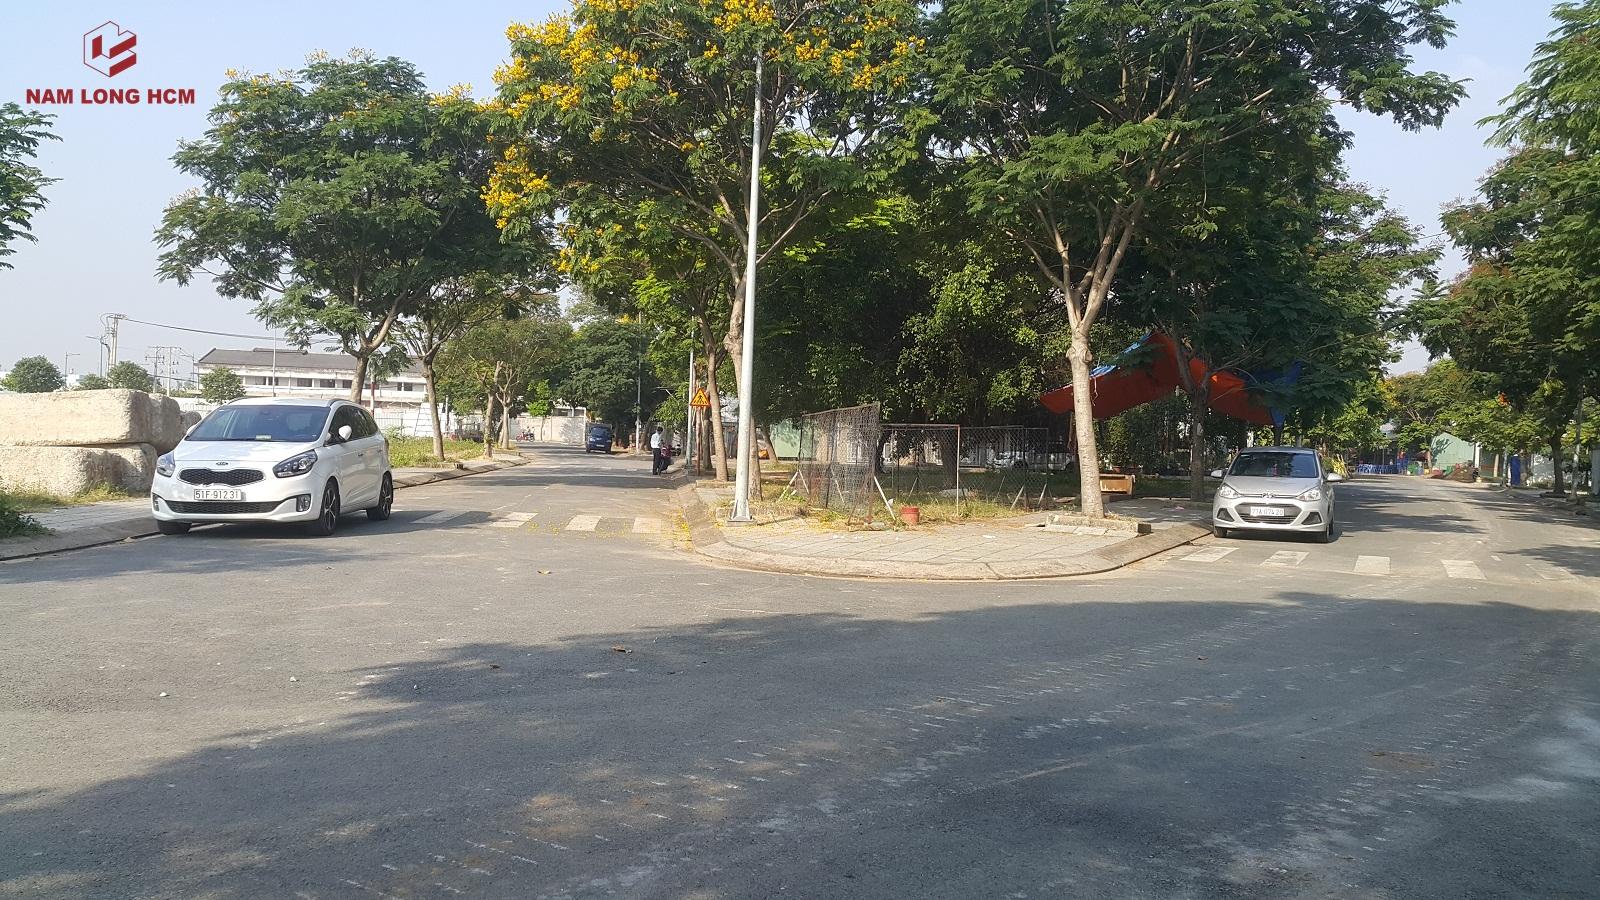 Dự án Flora Iris Nam Long có vị trí rất tốt khi nằm trong khu dân cư hiện hữu và nằm mặt tiền đường Phạm Văn Đồng. Ảnh: Nam Long HCM